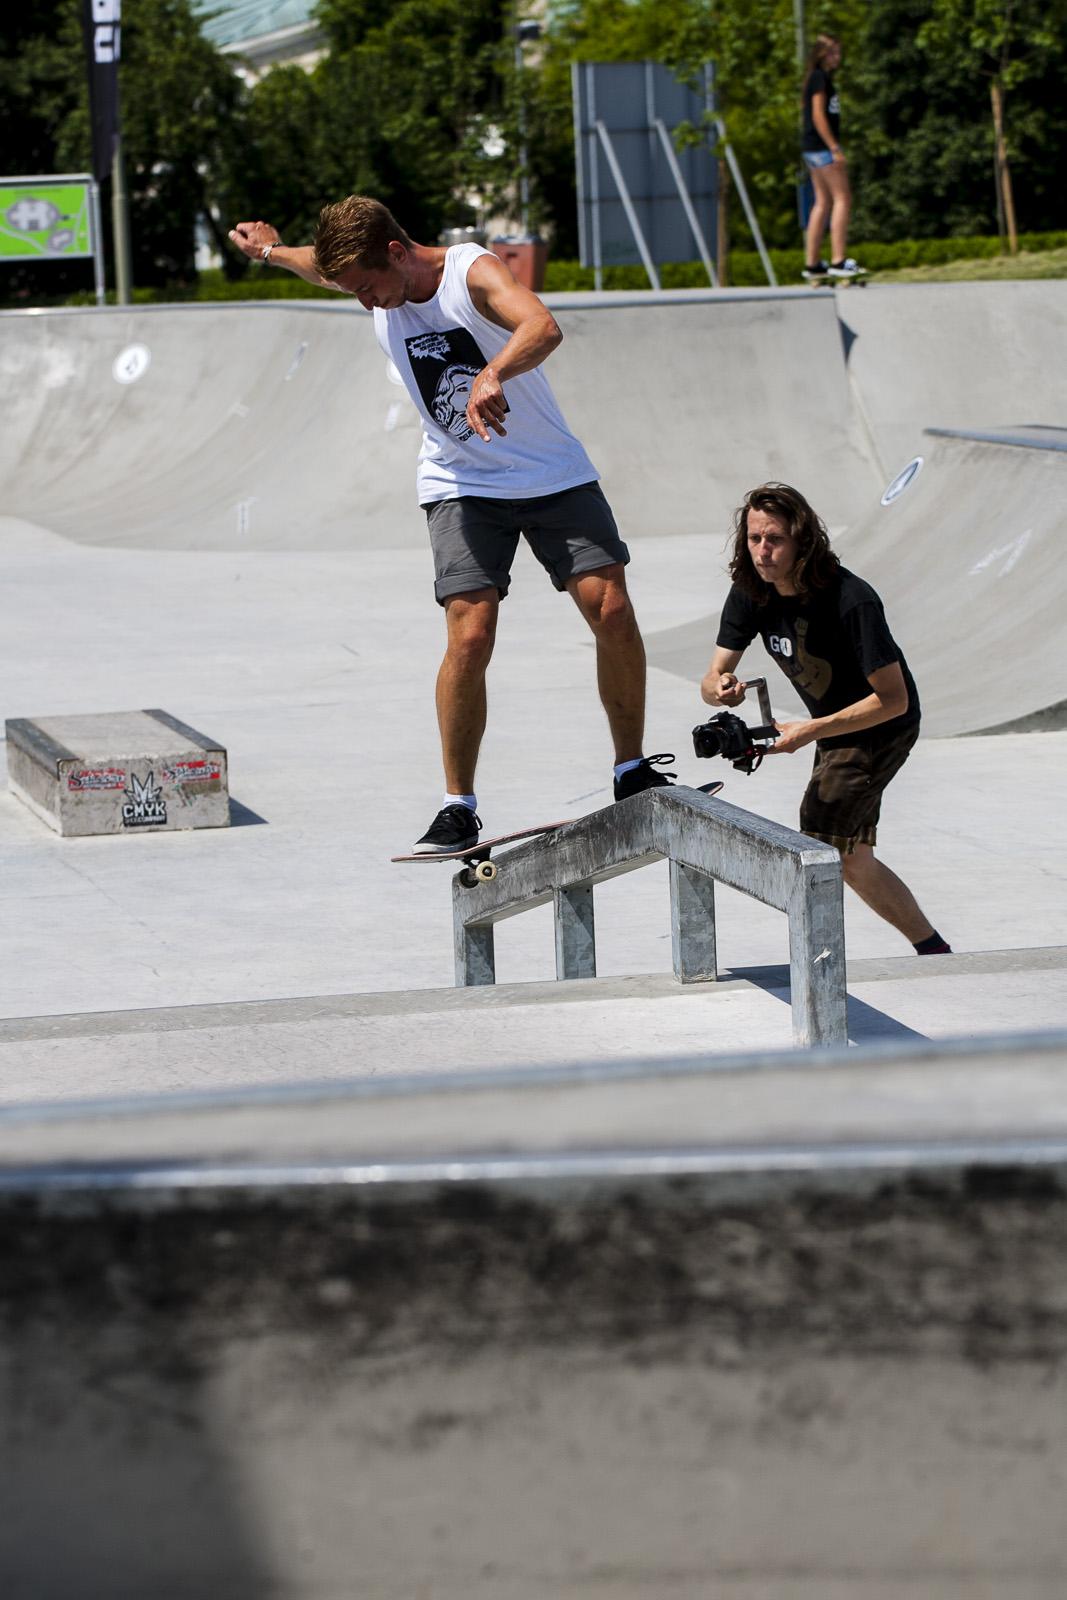 Matjaž Bedenik frontside halfcab boardslide